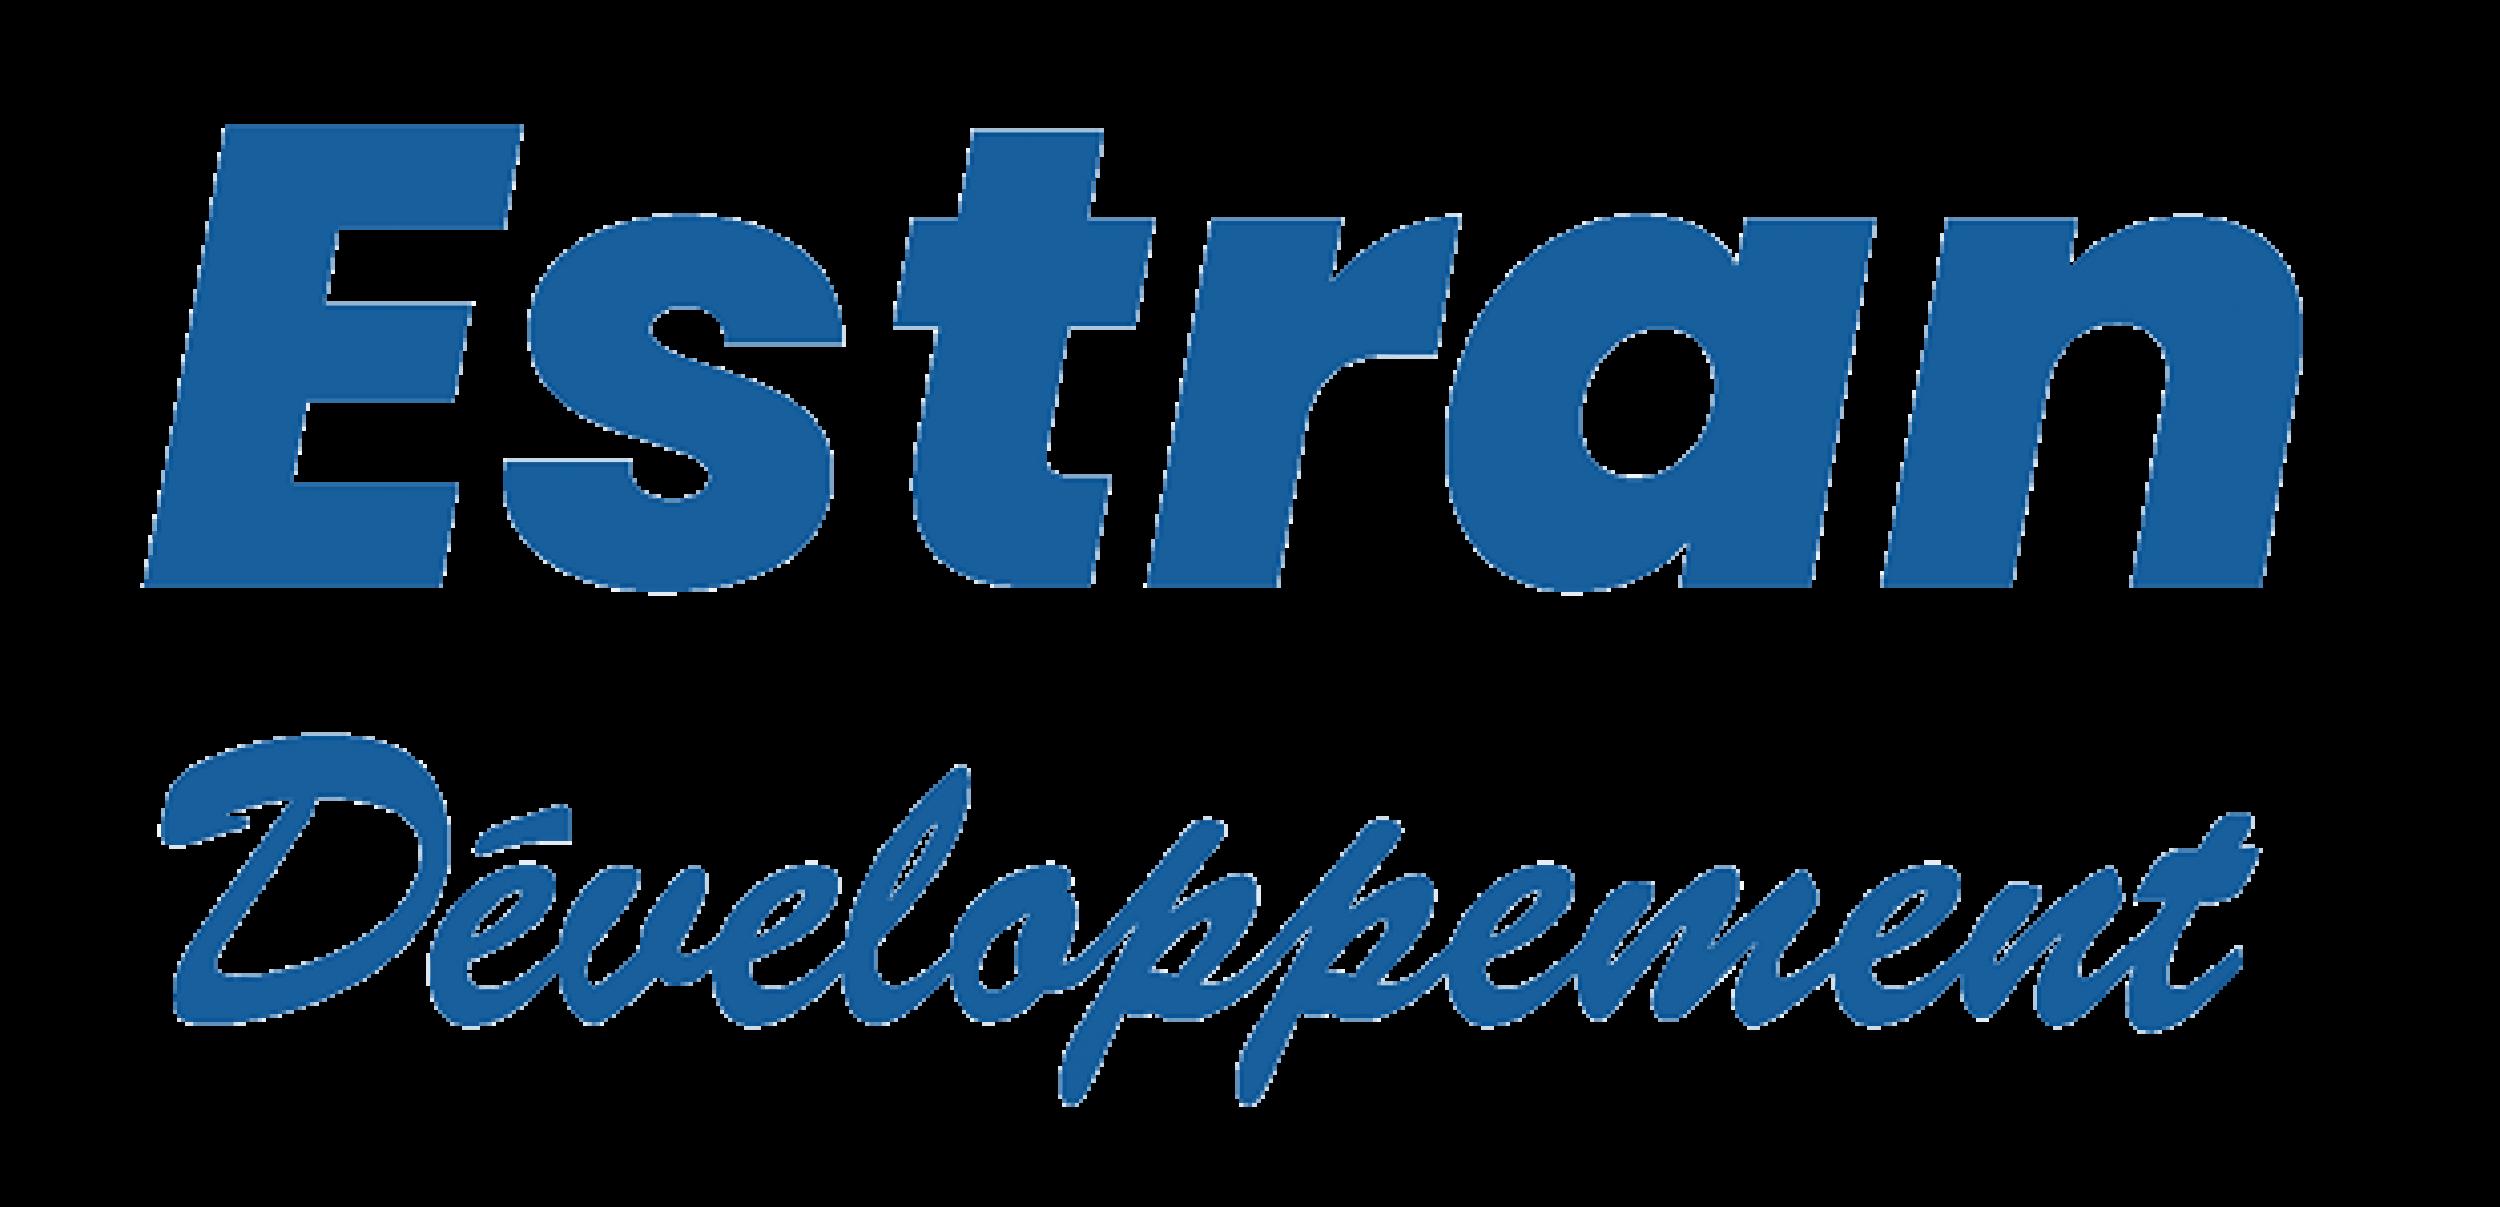 LOGO_ESTRAN_DEVELOPPEMENT